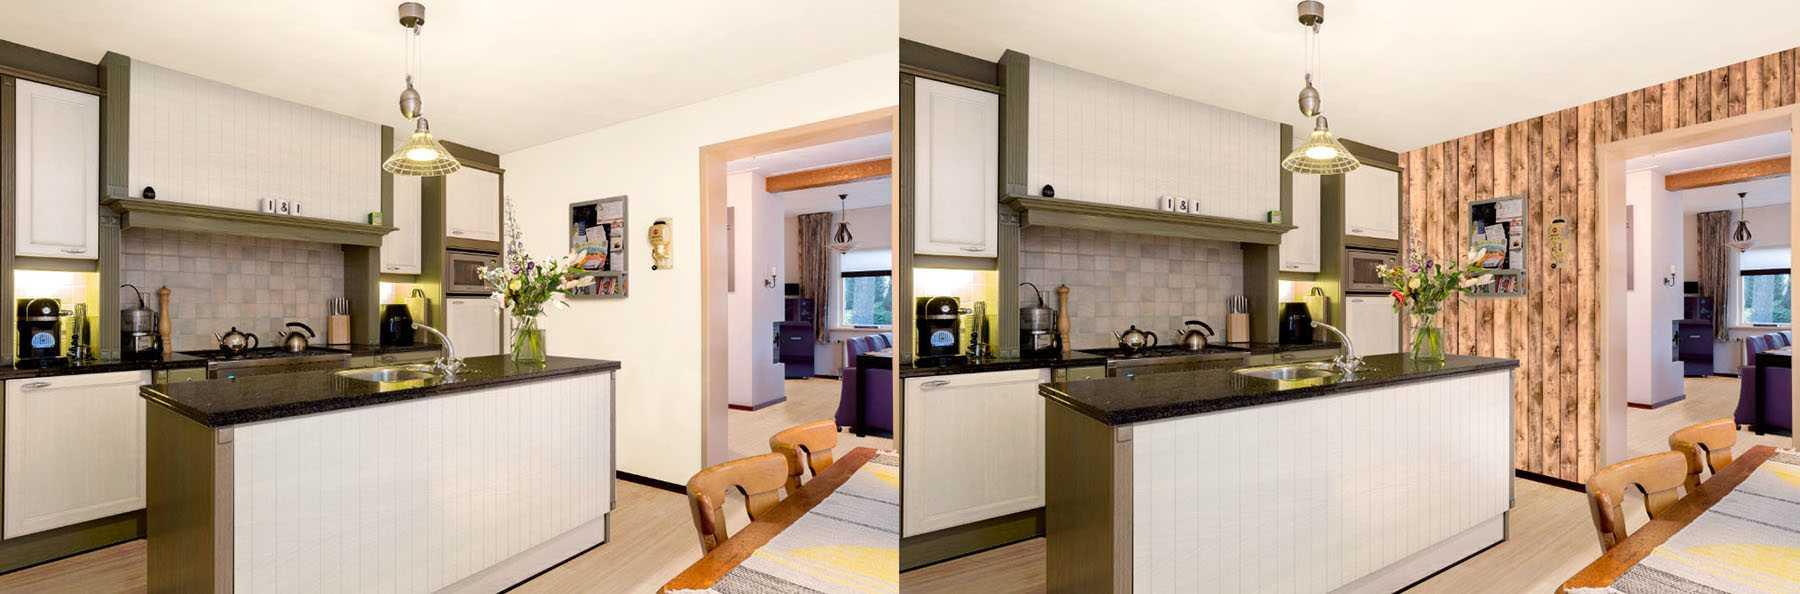 resultaat digitale restyle keuken